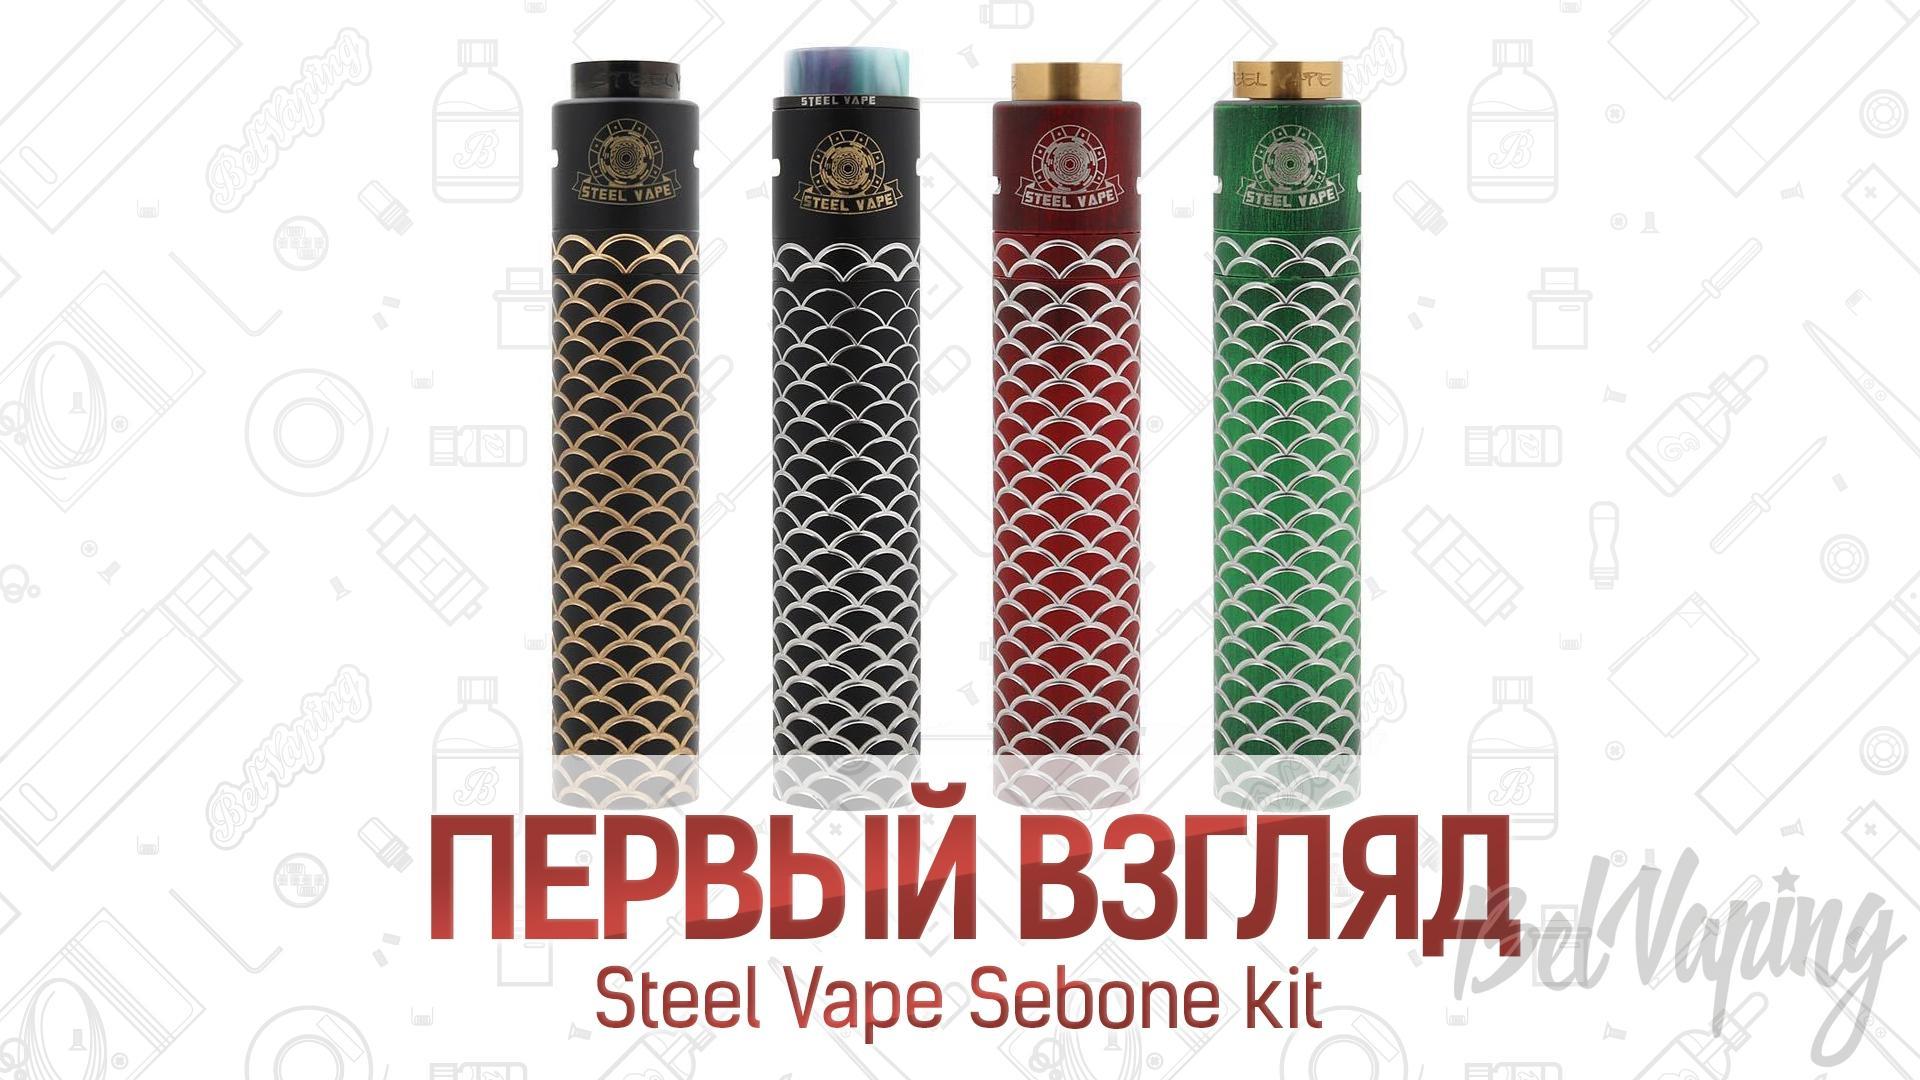 Steel Vape Sebone kit. Первый взгляд